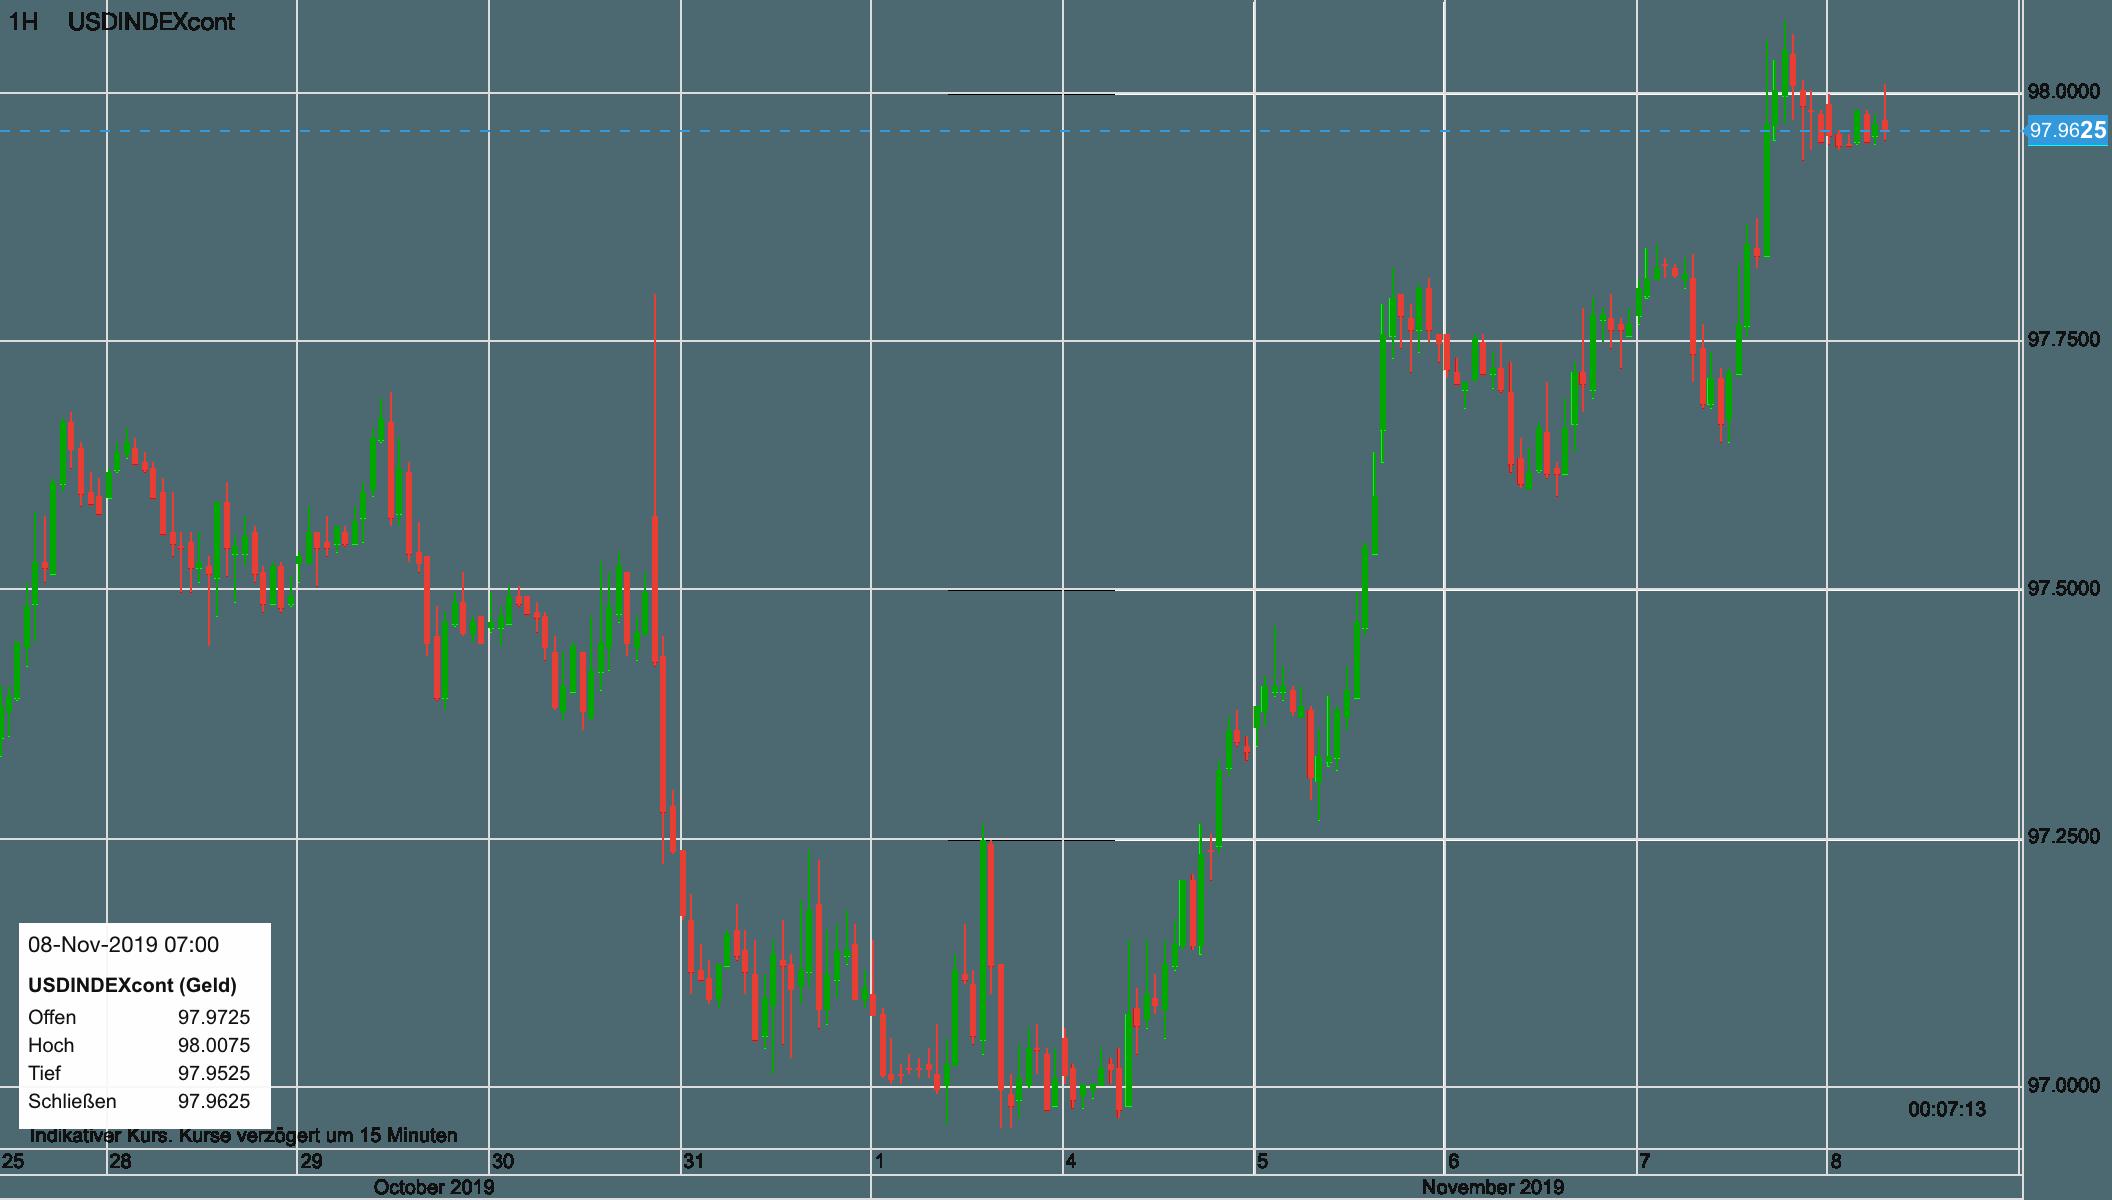 Dollar Index Verlauf seit dem 28. Oktober